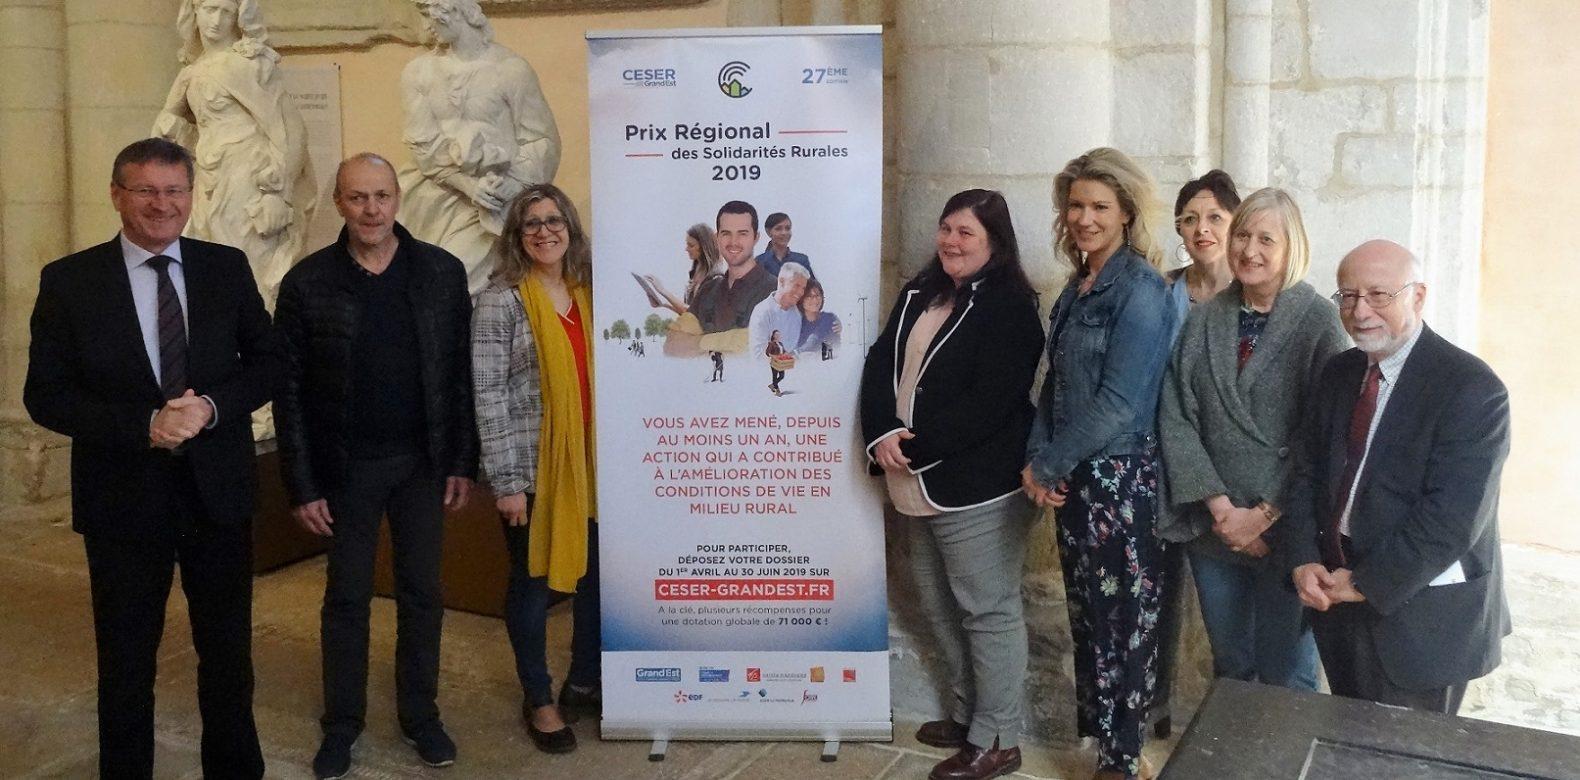 Prix Régional des Solidarités Rurales 2019